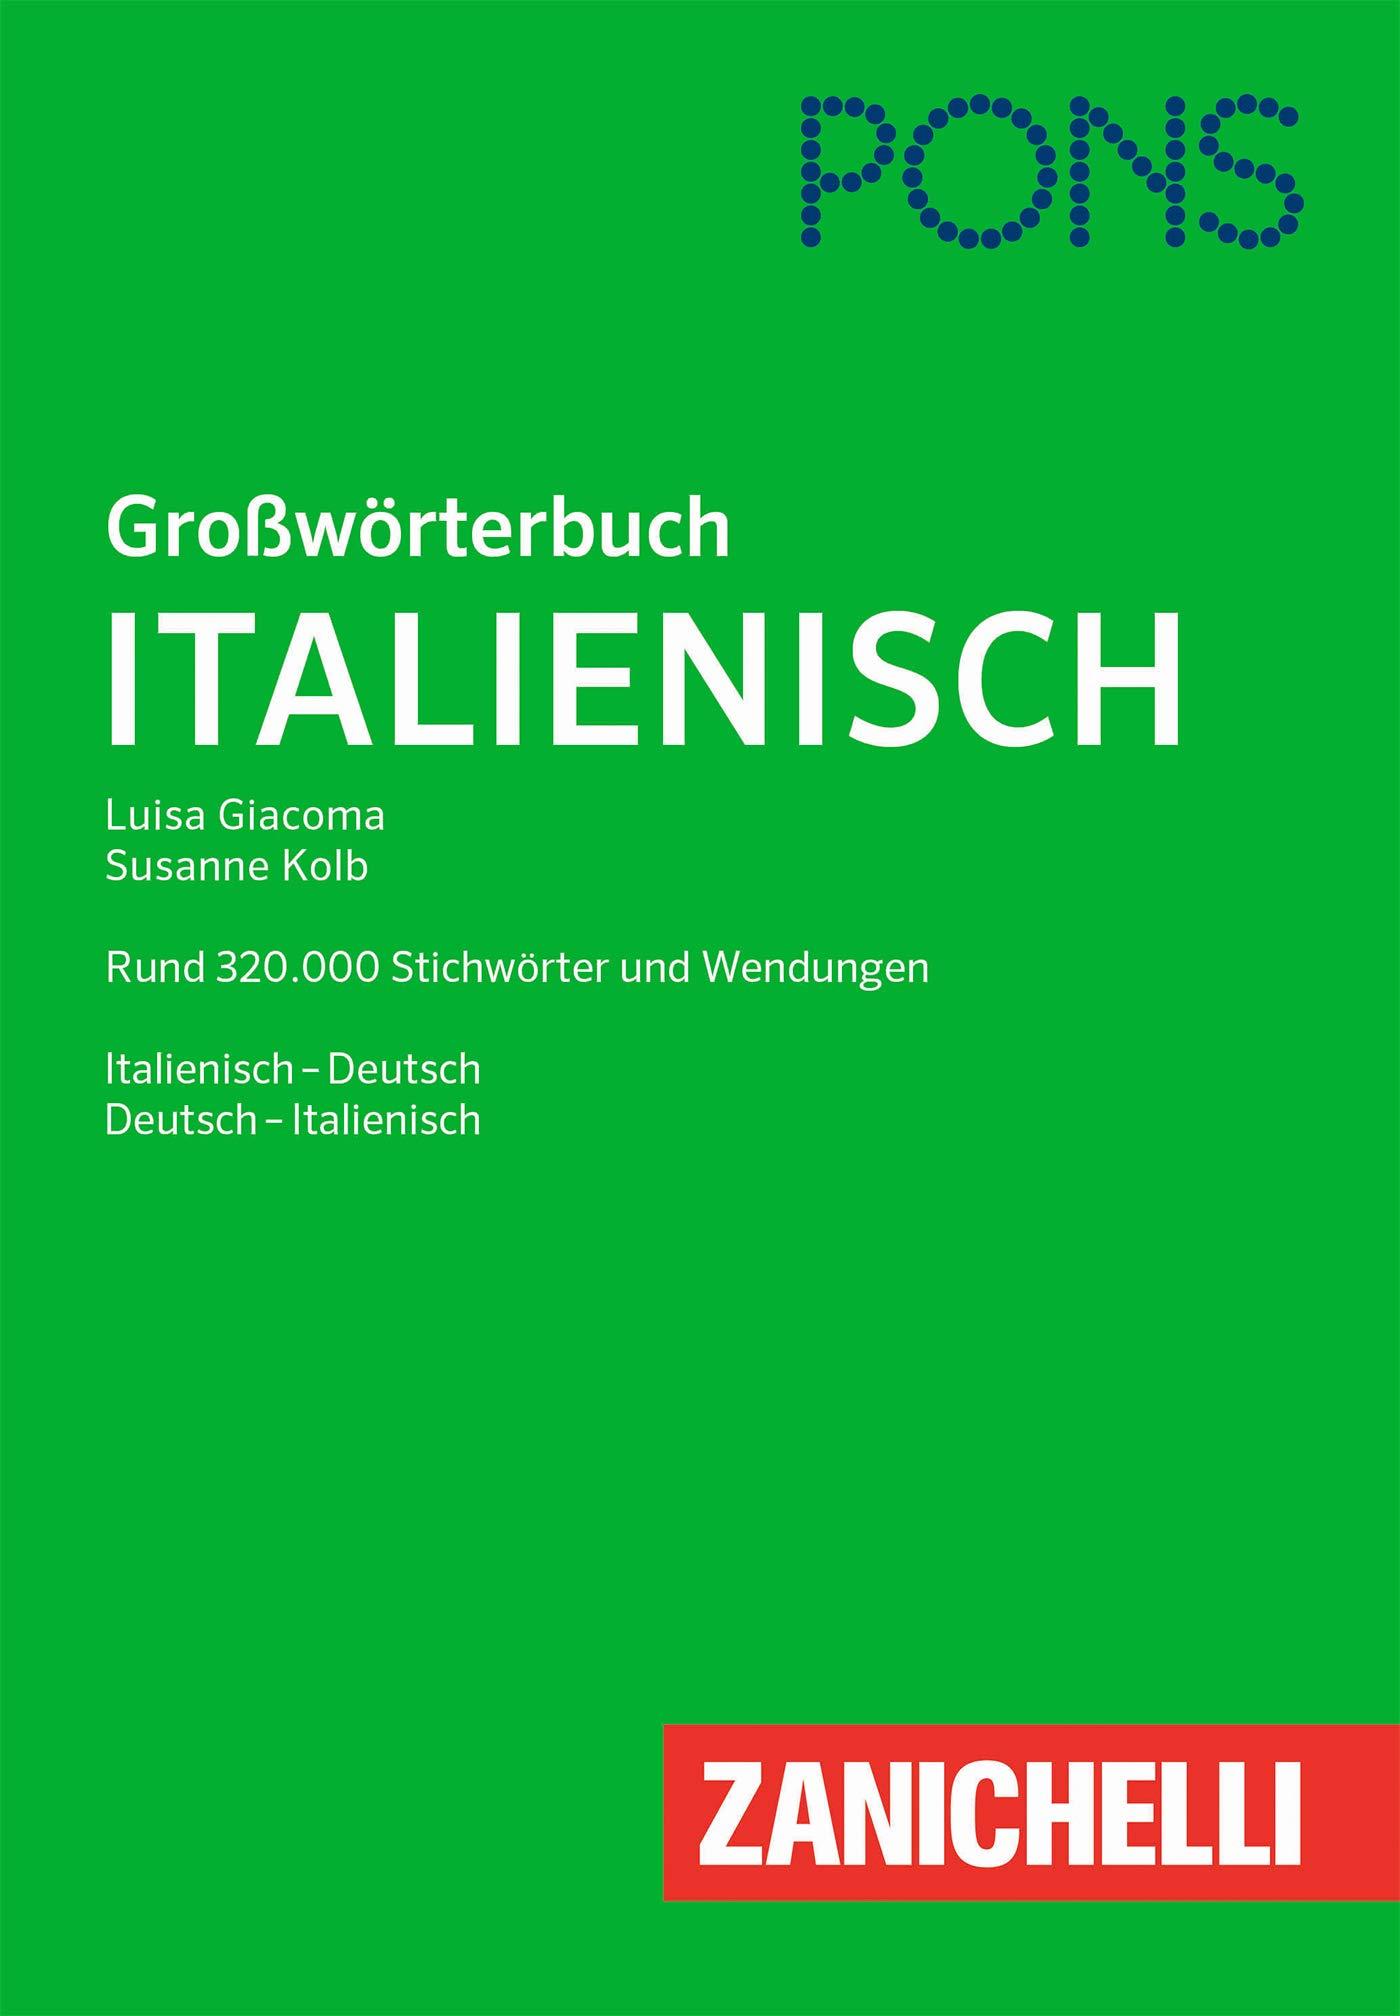 PONS Großwörterbuch Italienisch  Rund 320.000 Stichwörter Und Wendungen. Deutsch Italienisch   Italienisch Deutsch